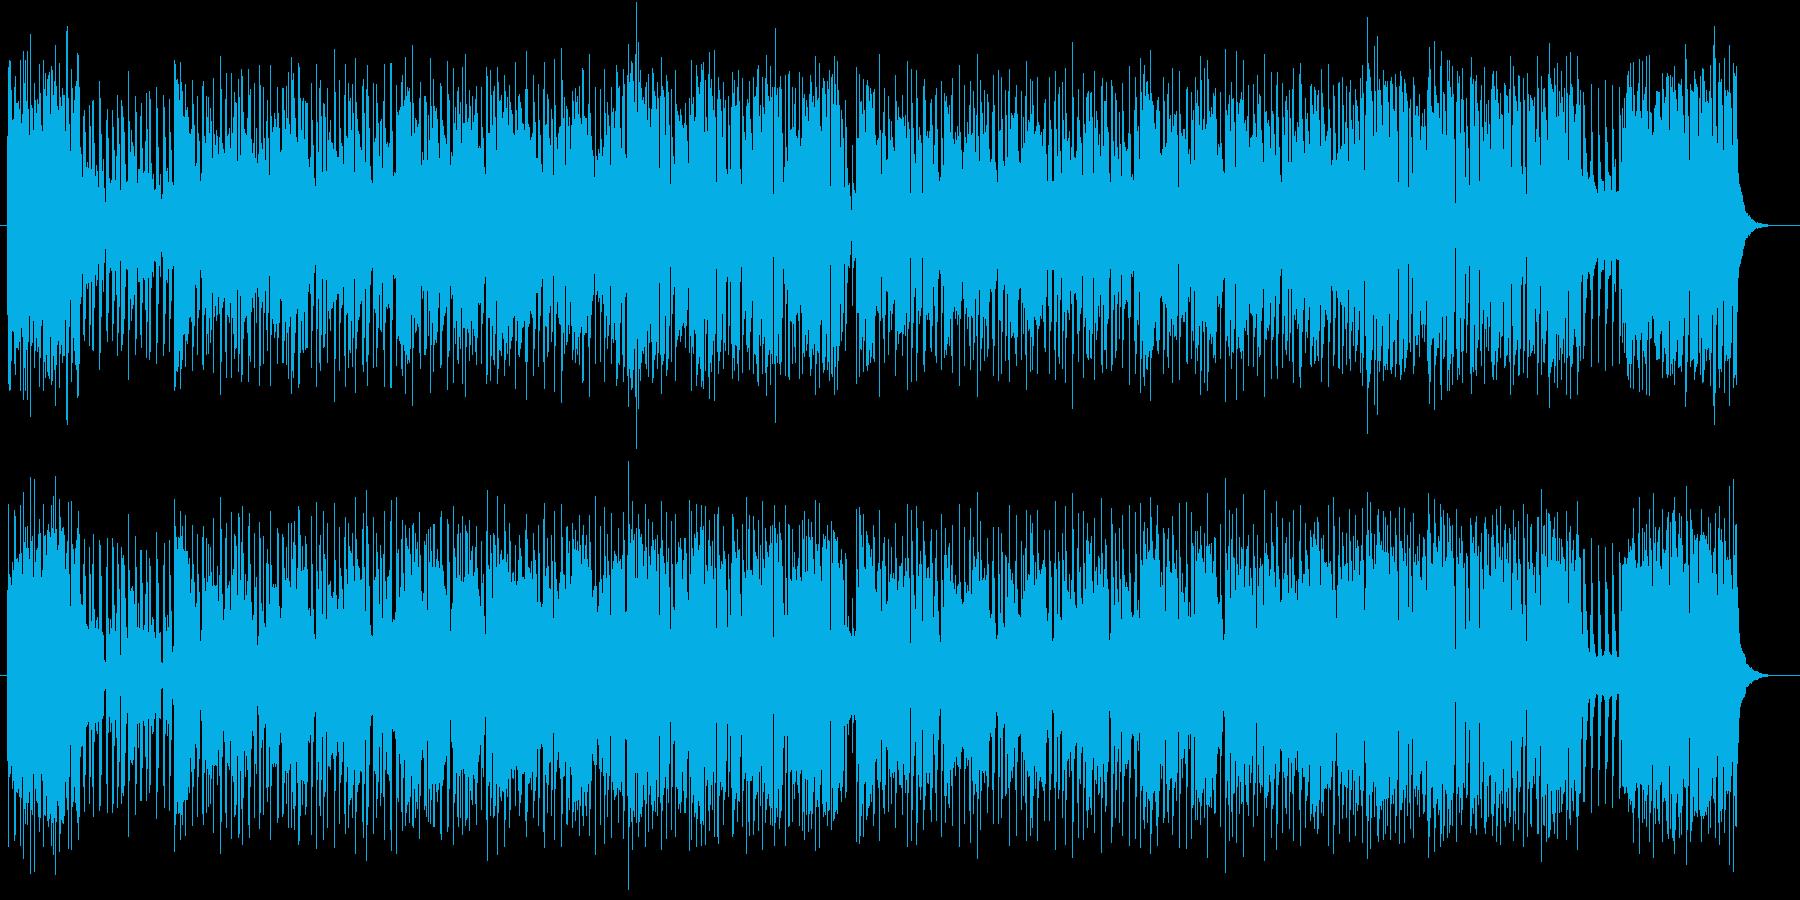 ミドルテンポの爽やかな2分OP曲の再生済みの波形